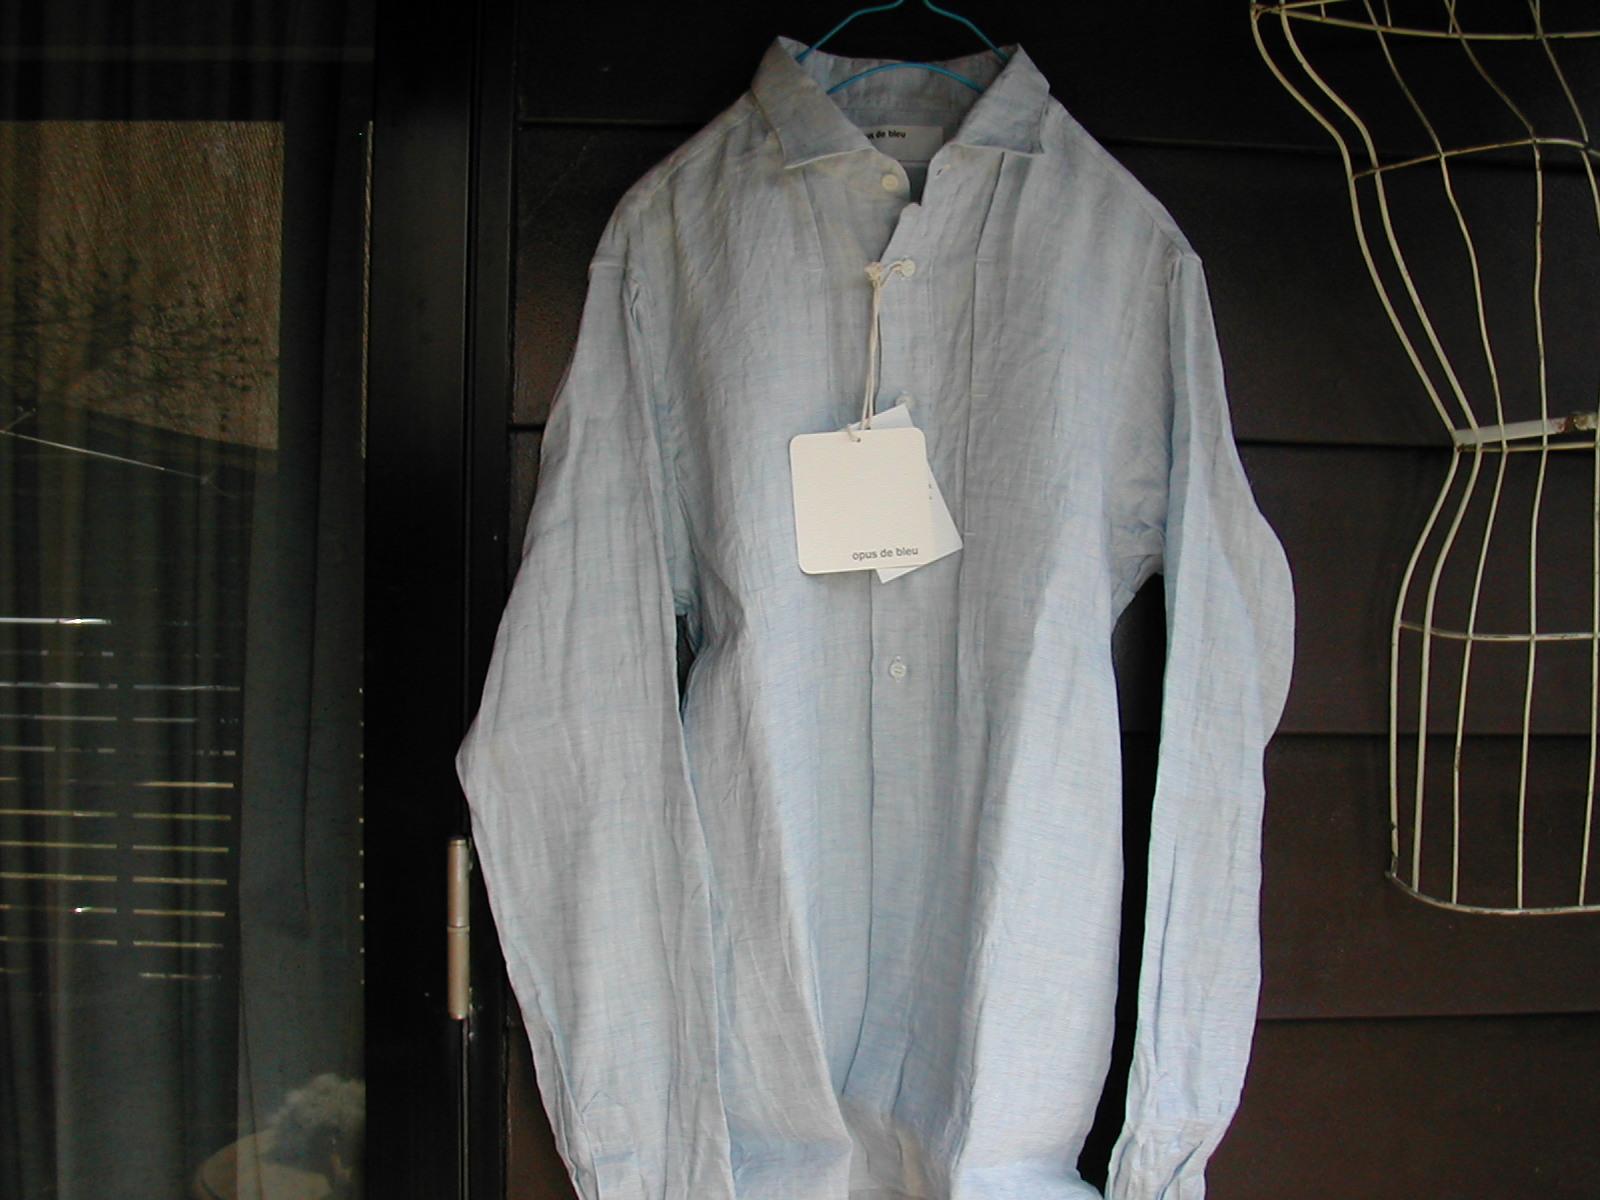 opus de bleu のシャツ_e0315178_1716326.jpg